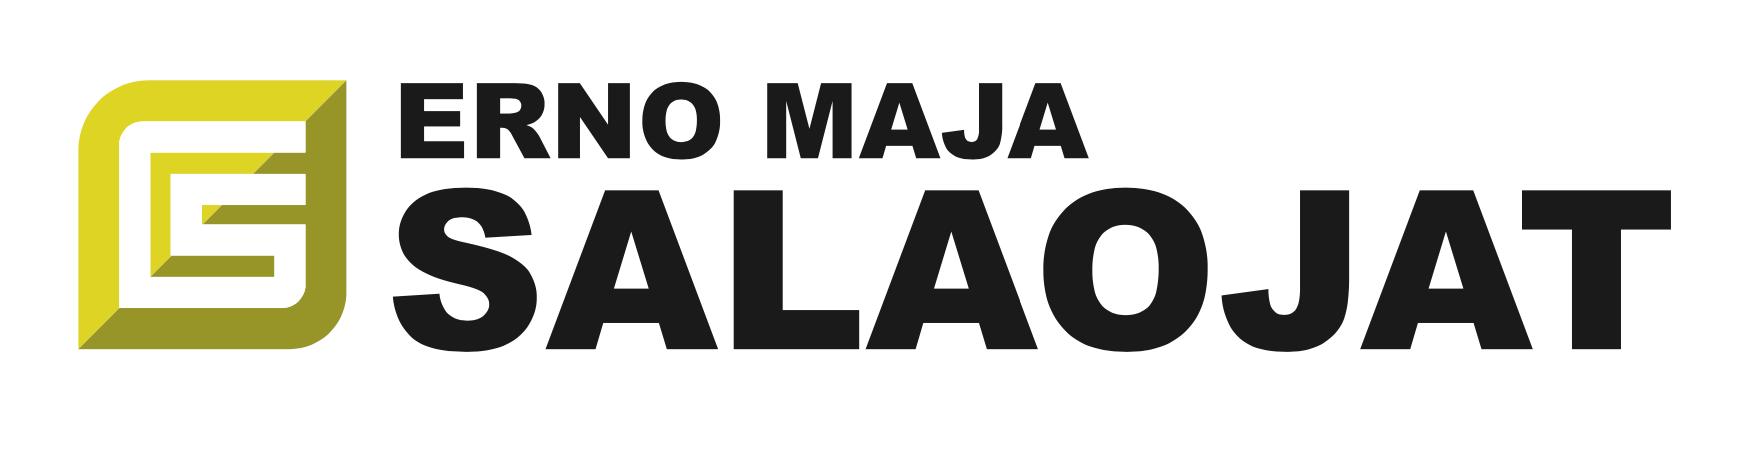 Ilves-Verkosto - EM-Salaojat Oy